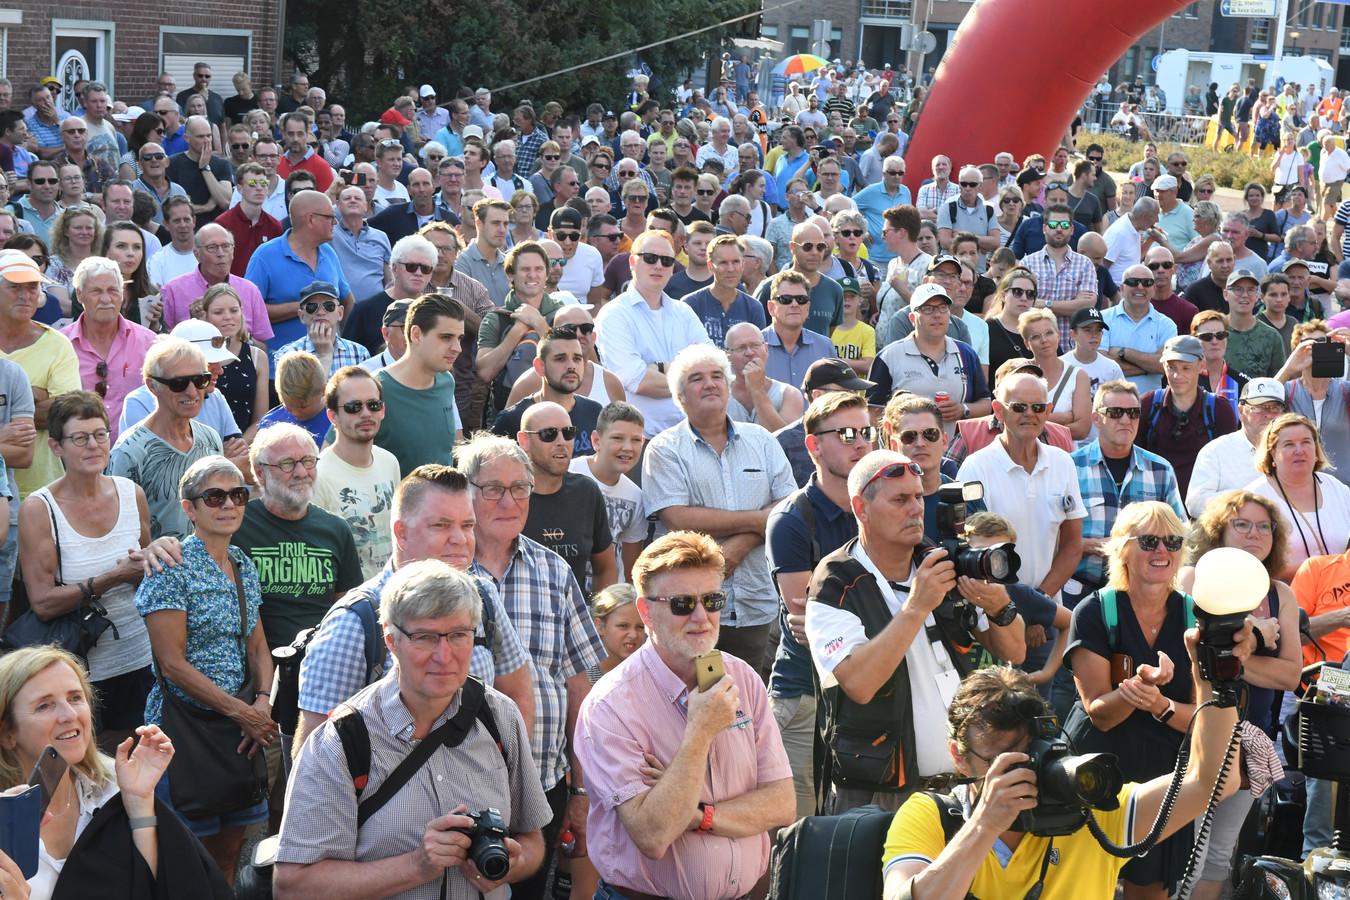 Bij de Meet & Greet van de mannelijke profs staat het,voornamelijk mannelijke, publiek rijen dik.